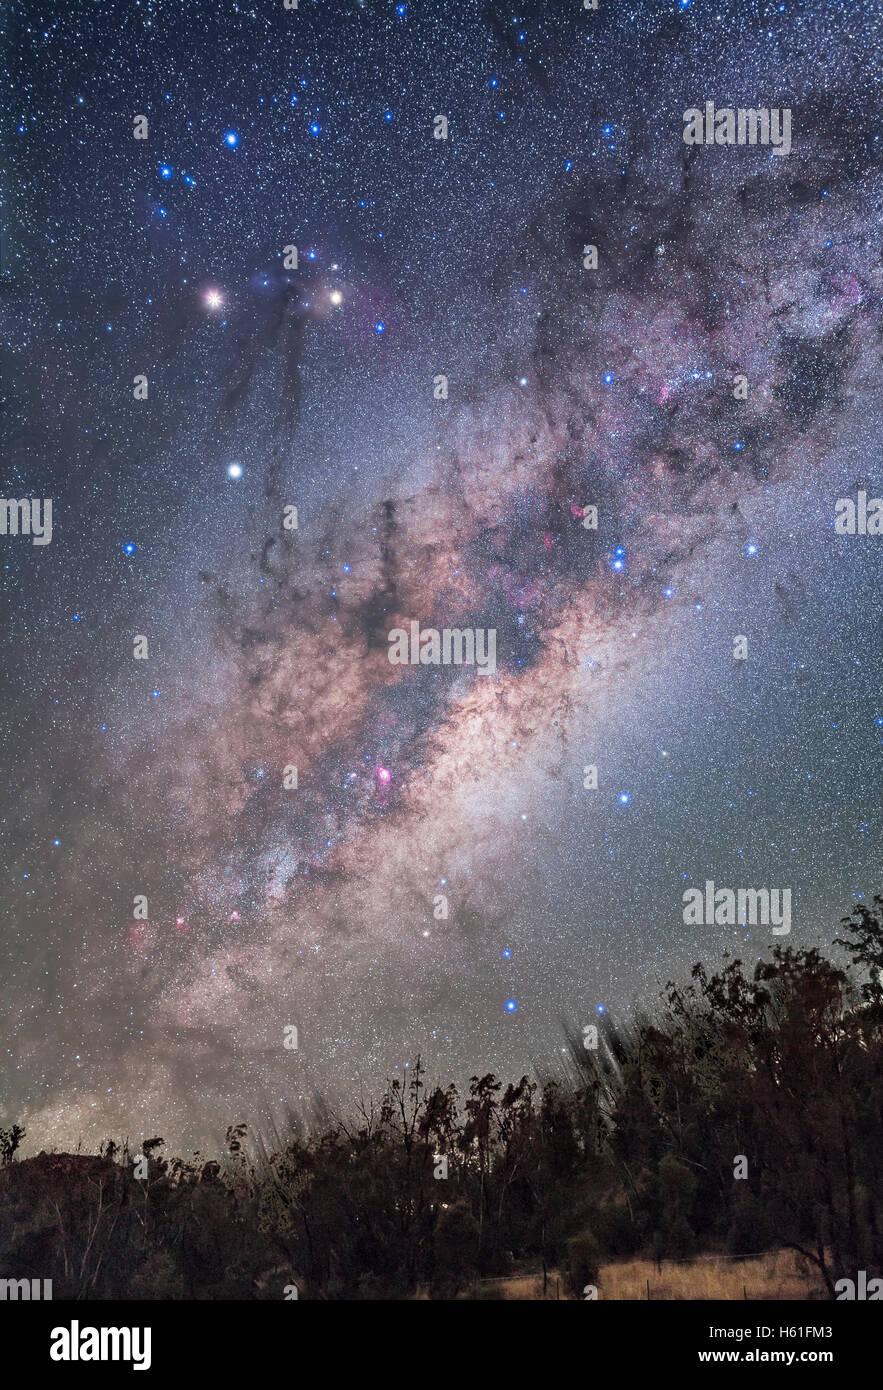 Das Zentrum der Galaxie Region in Schütze erhebt sich über den Baumwipfeln, mit reichen Sternenfelder Stockbild